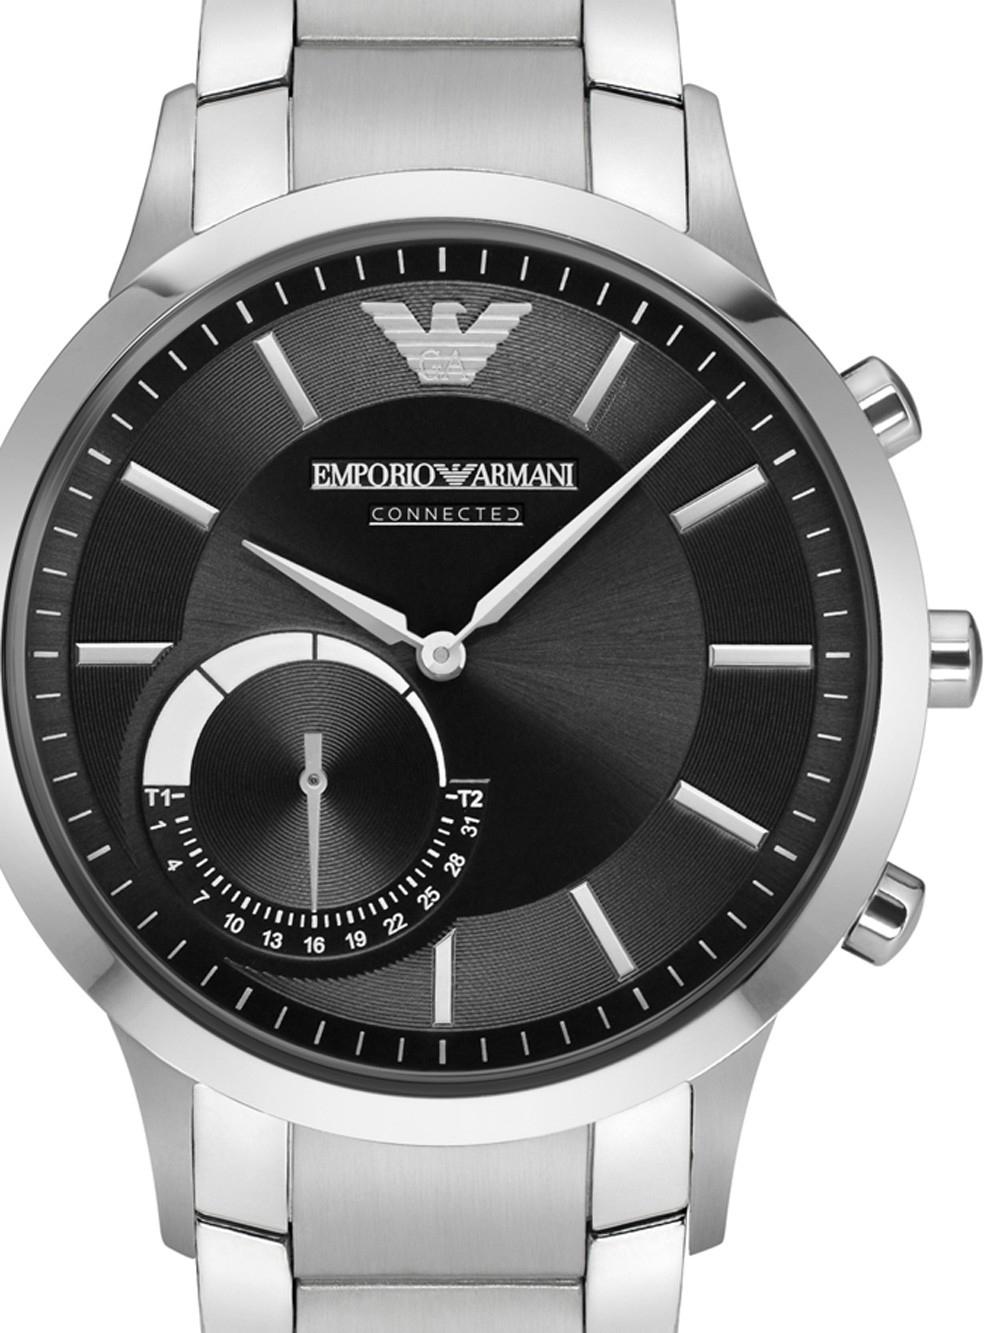 ceas barbatesc emporio armani art3000 alberto connected smartwatch 43mm 3atm